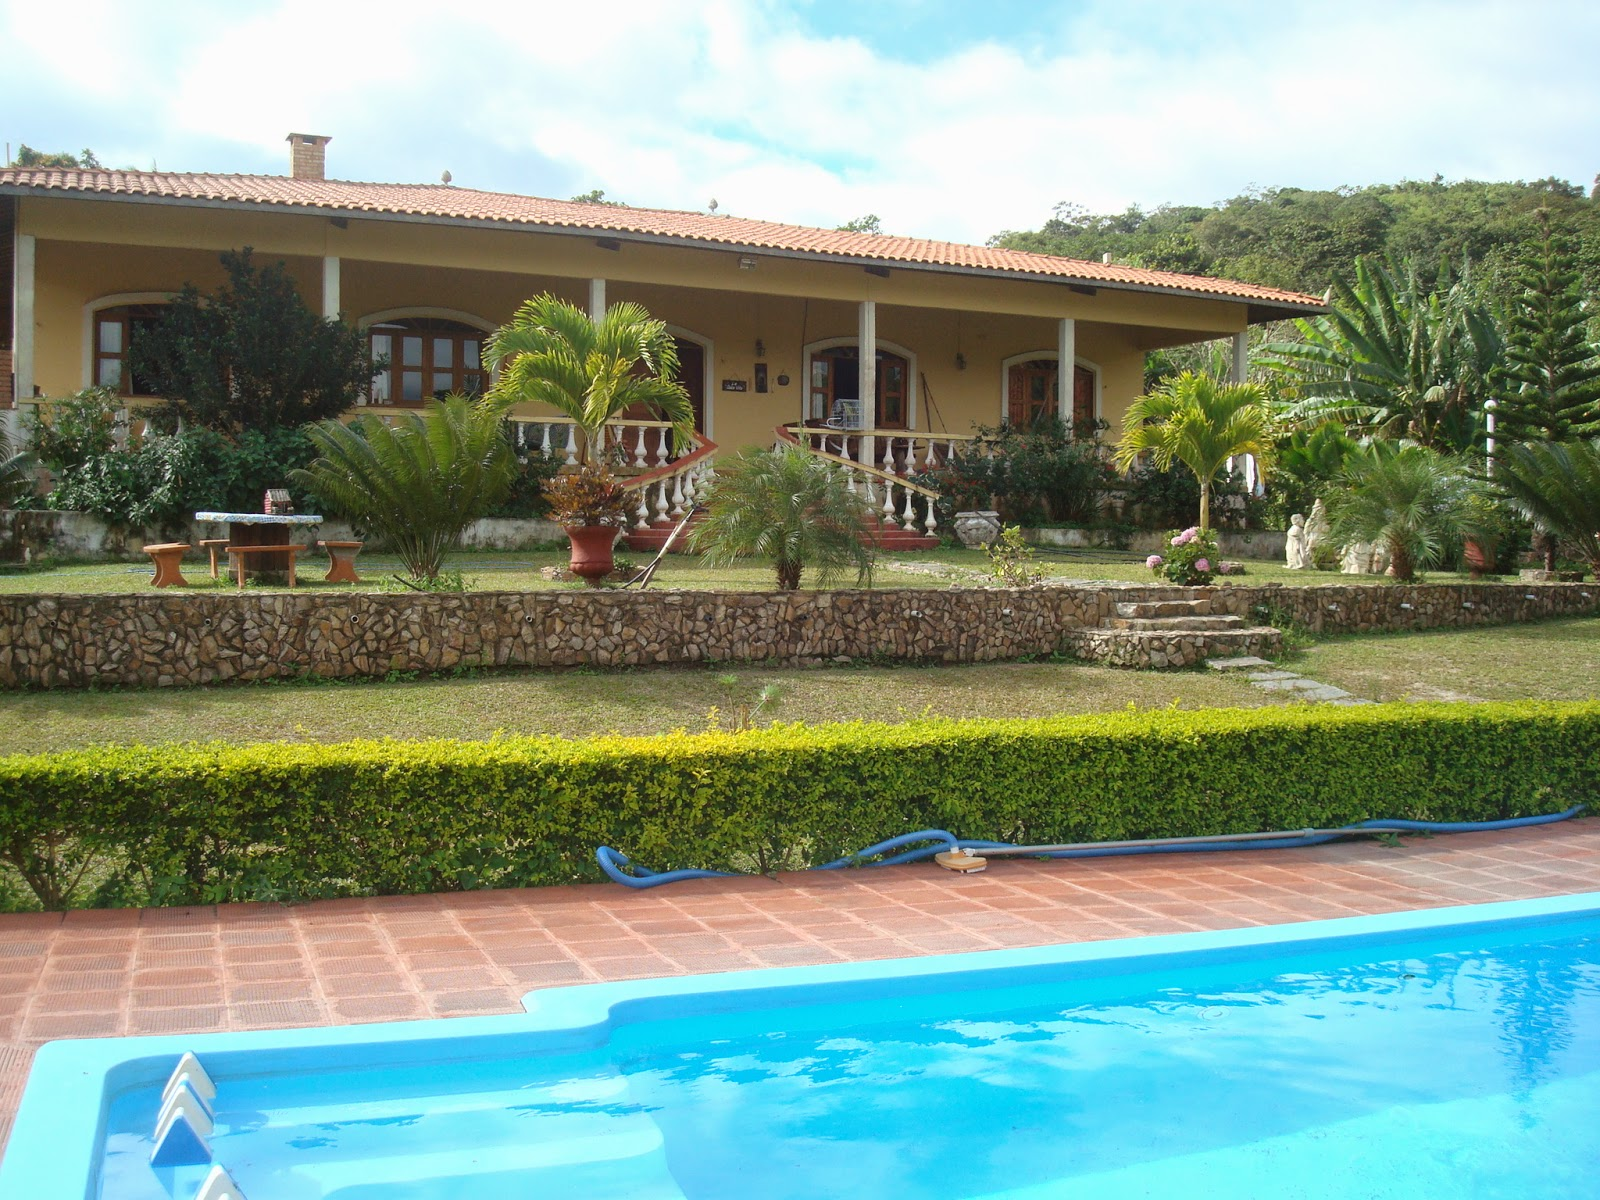 La casa dei tuoi sogni vivere in brasile for Costruttore di casa dei sogni online